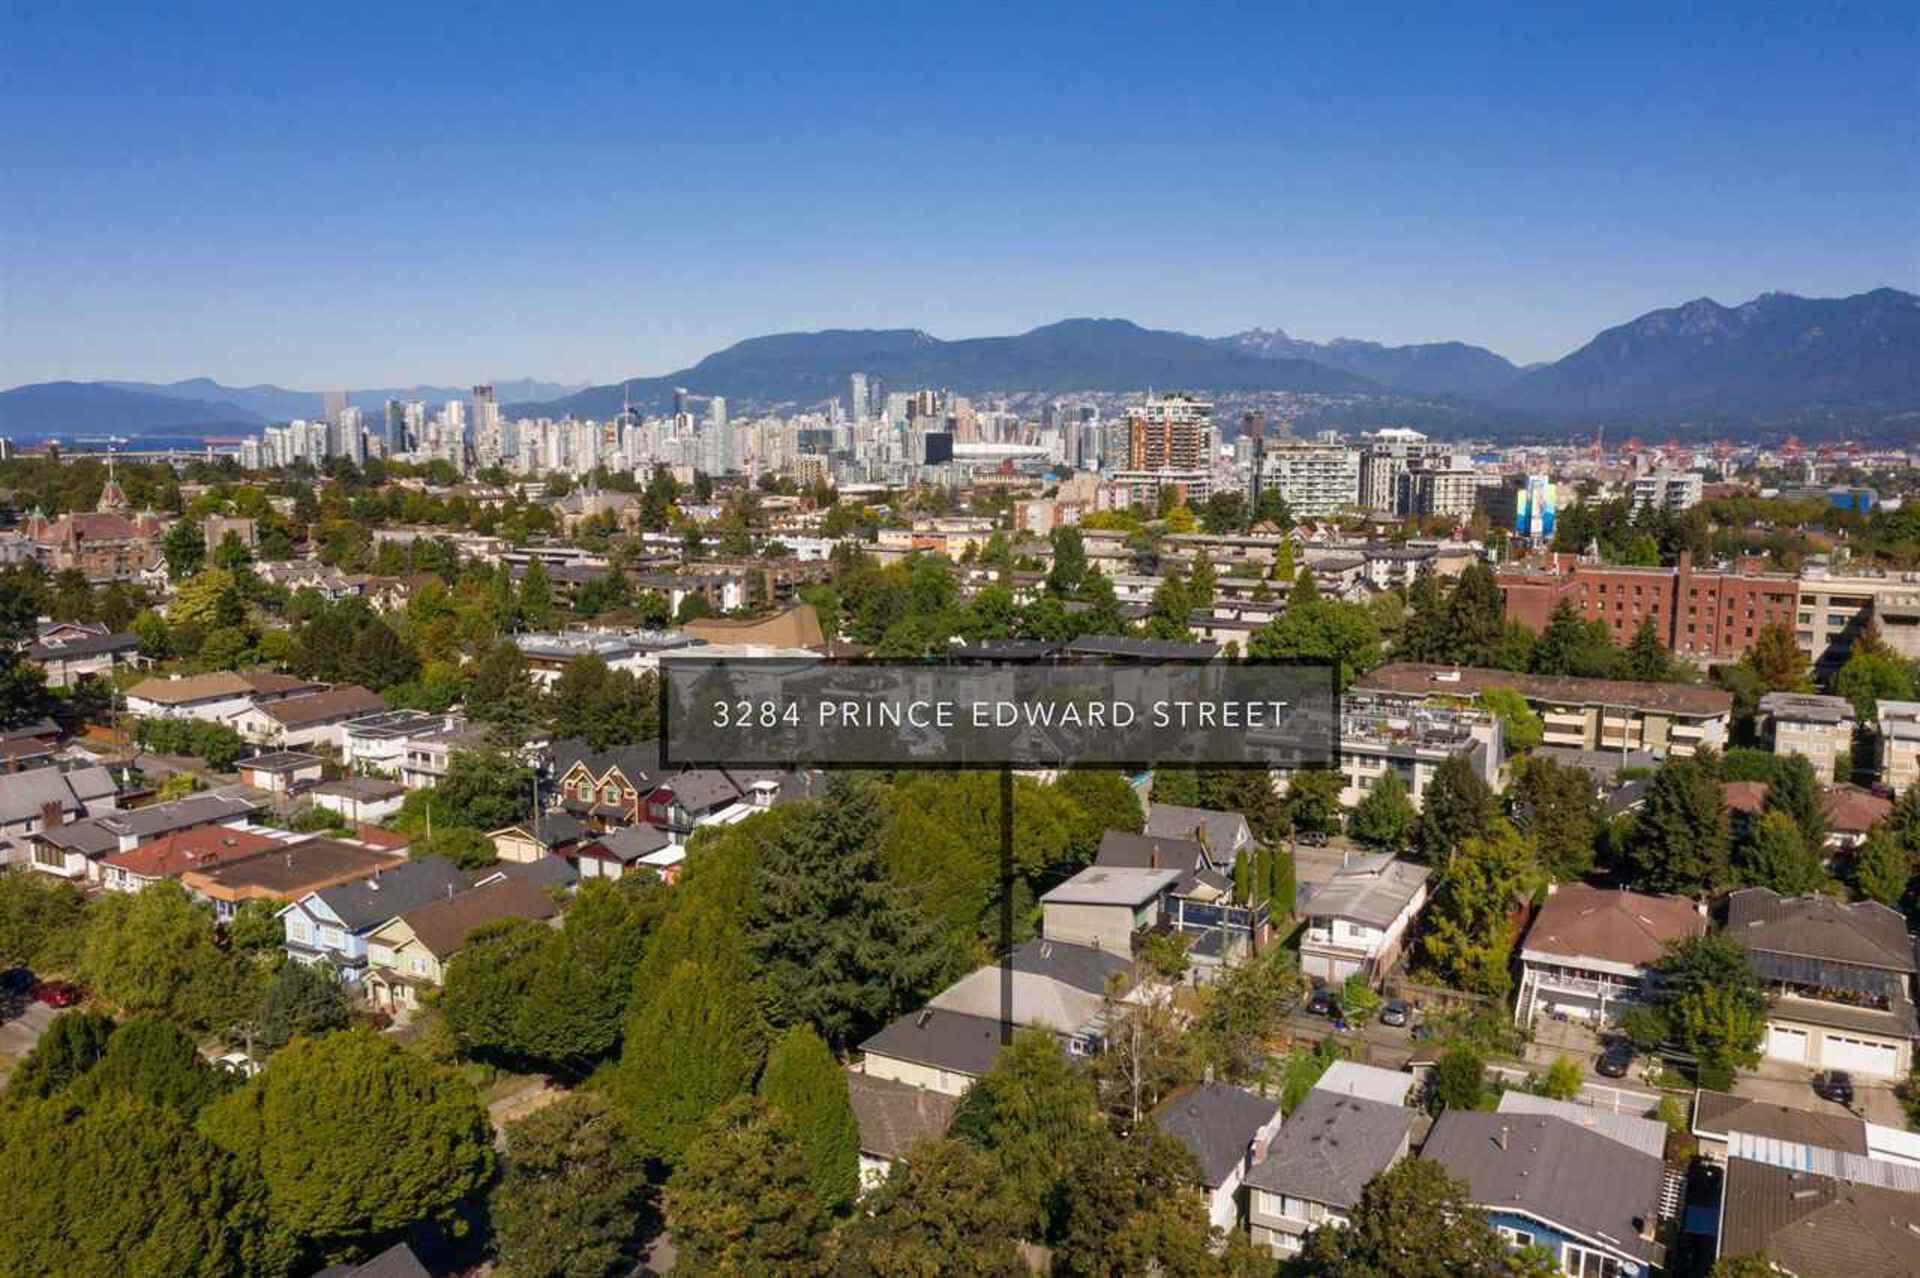 3284-prince-edward-street-fraser-ve-vancouver-east-39 at 3284 Prince Edward Street, Fraser VE, Vancouver East